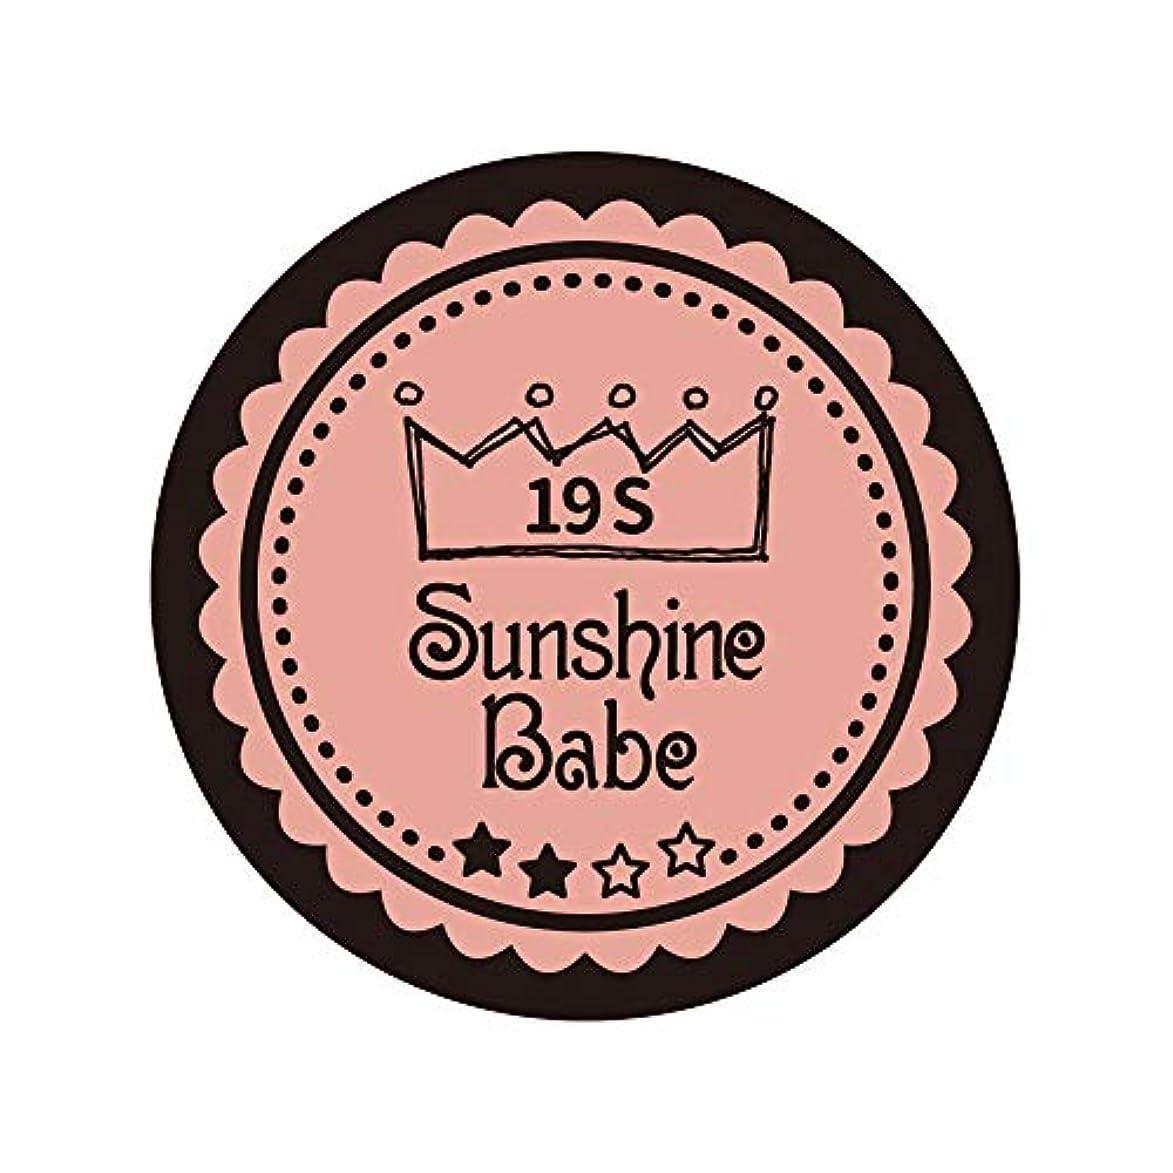 れるオーナー骨の折れるSunshine Babe カラージェル 19S ローズカシュ 2.7g UV/LED対応